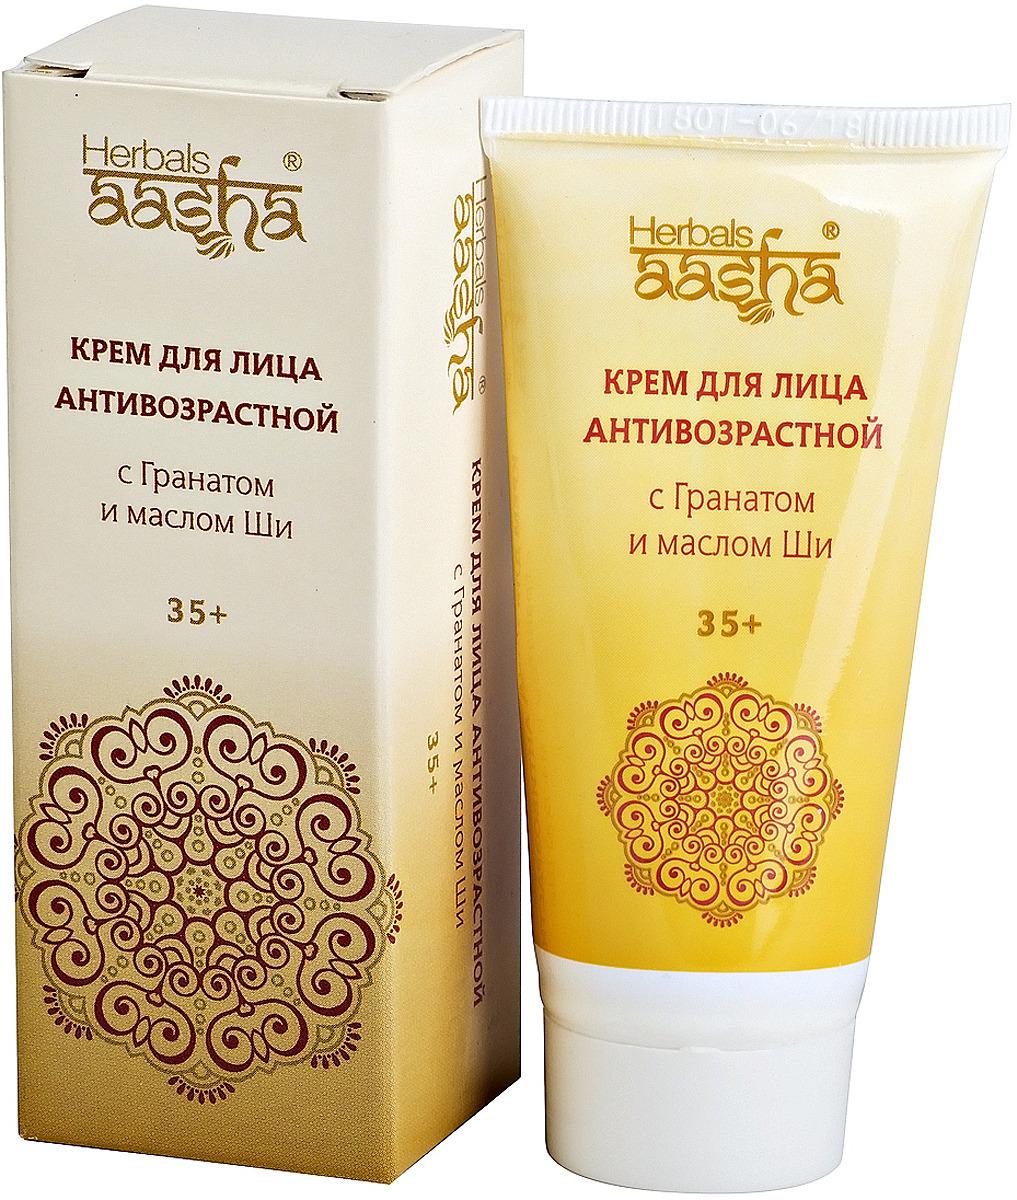 Крем для лица Aнтивозрастной с гранатом и маслом Ши, 30 г Aasha Herbals